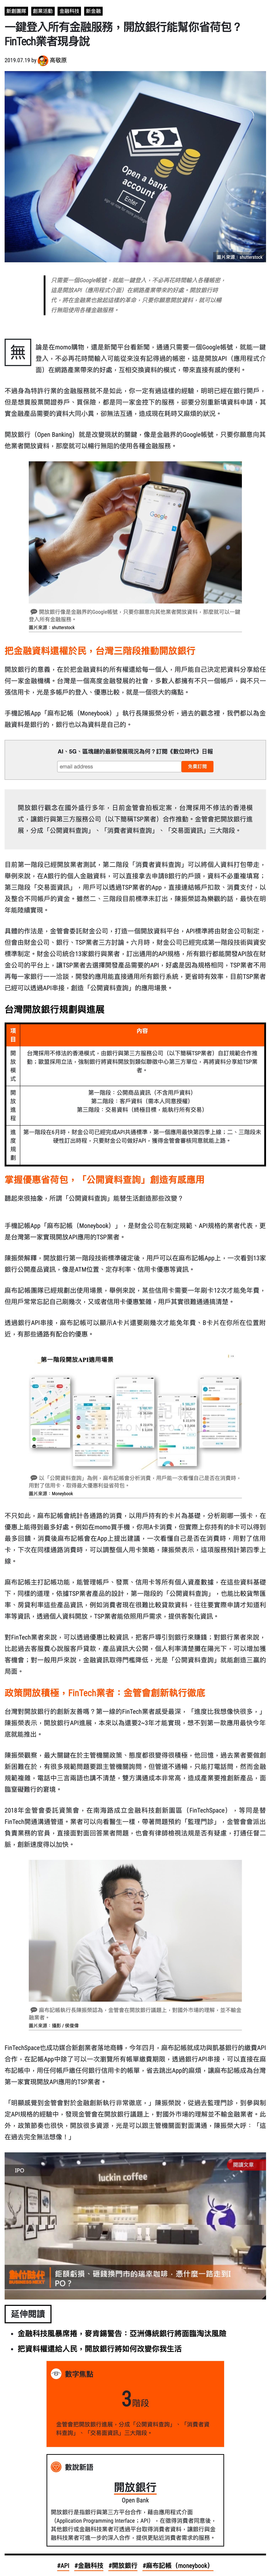 手機記帳App「麻布記帳(Moneybook)」,是財金公司在制定規範、API規格的業者代表,更是台灣第一家實現開放API應用的TSP業者。  陳振榮解釋,開放銀行第一階段技術標準確定後,用戶可以在麻布記帳App上,一次看到13家銀行公開產品資訊,像是ATM位置、定存利率、信用卡優惠等資訊。  麻布記帳團隊已經規劃出使用場景,舉例來說,某些信用卡需要一年刷卡12次才能免年費,但用戶常常忘記自己刷幾次,又或者信用卡優惠繁雜,用戶其實很難通通搞清楚。  透過銀行API串接,麻布記帳可以顯示A卡片還要刷幾次才能免年費、B卡片在你所在位置附近,有那些通路有配合的優惠。